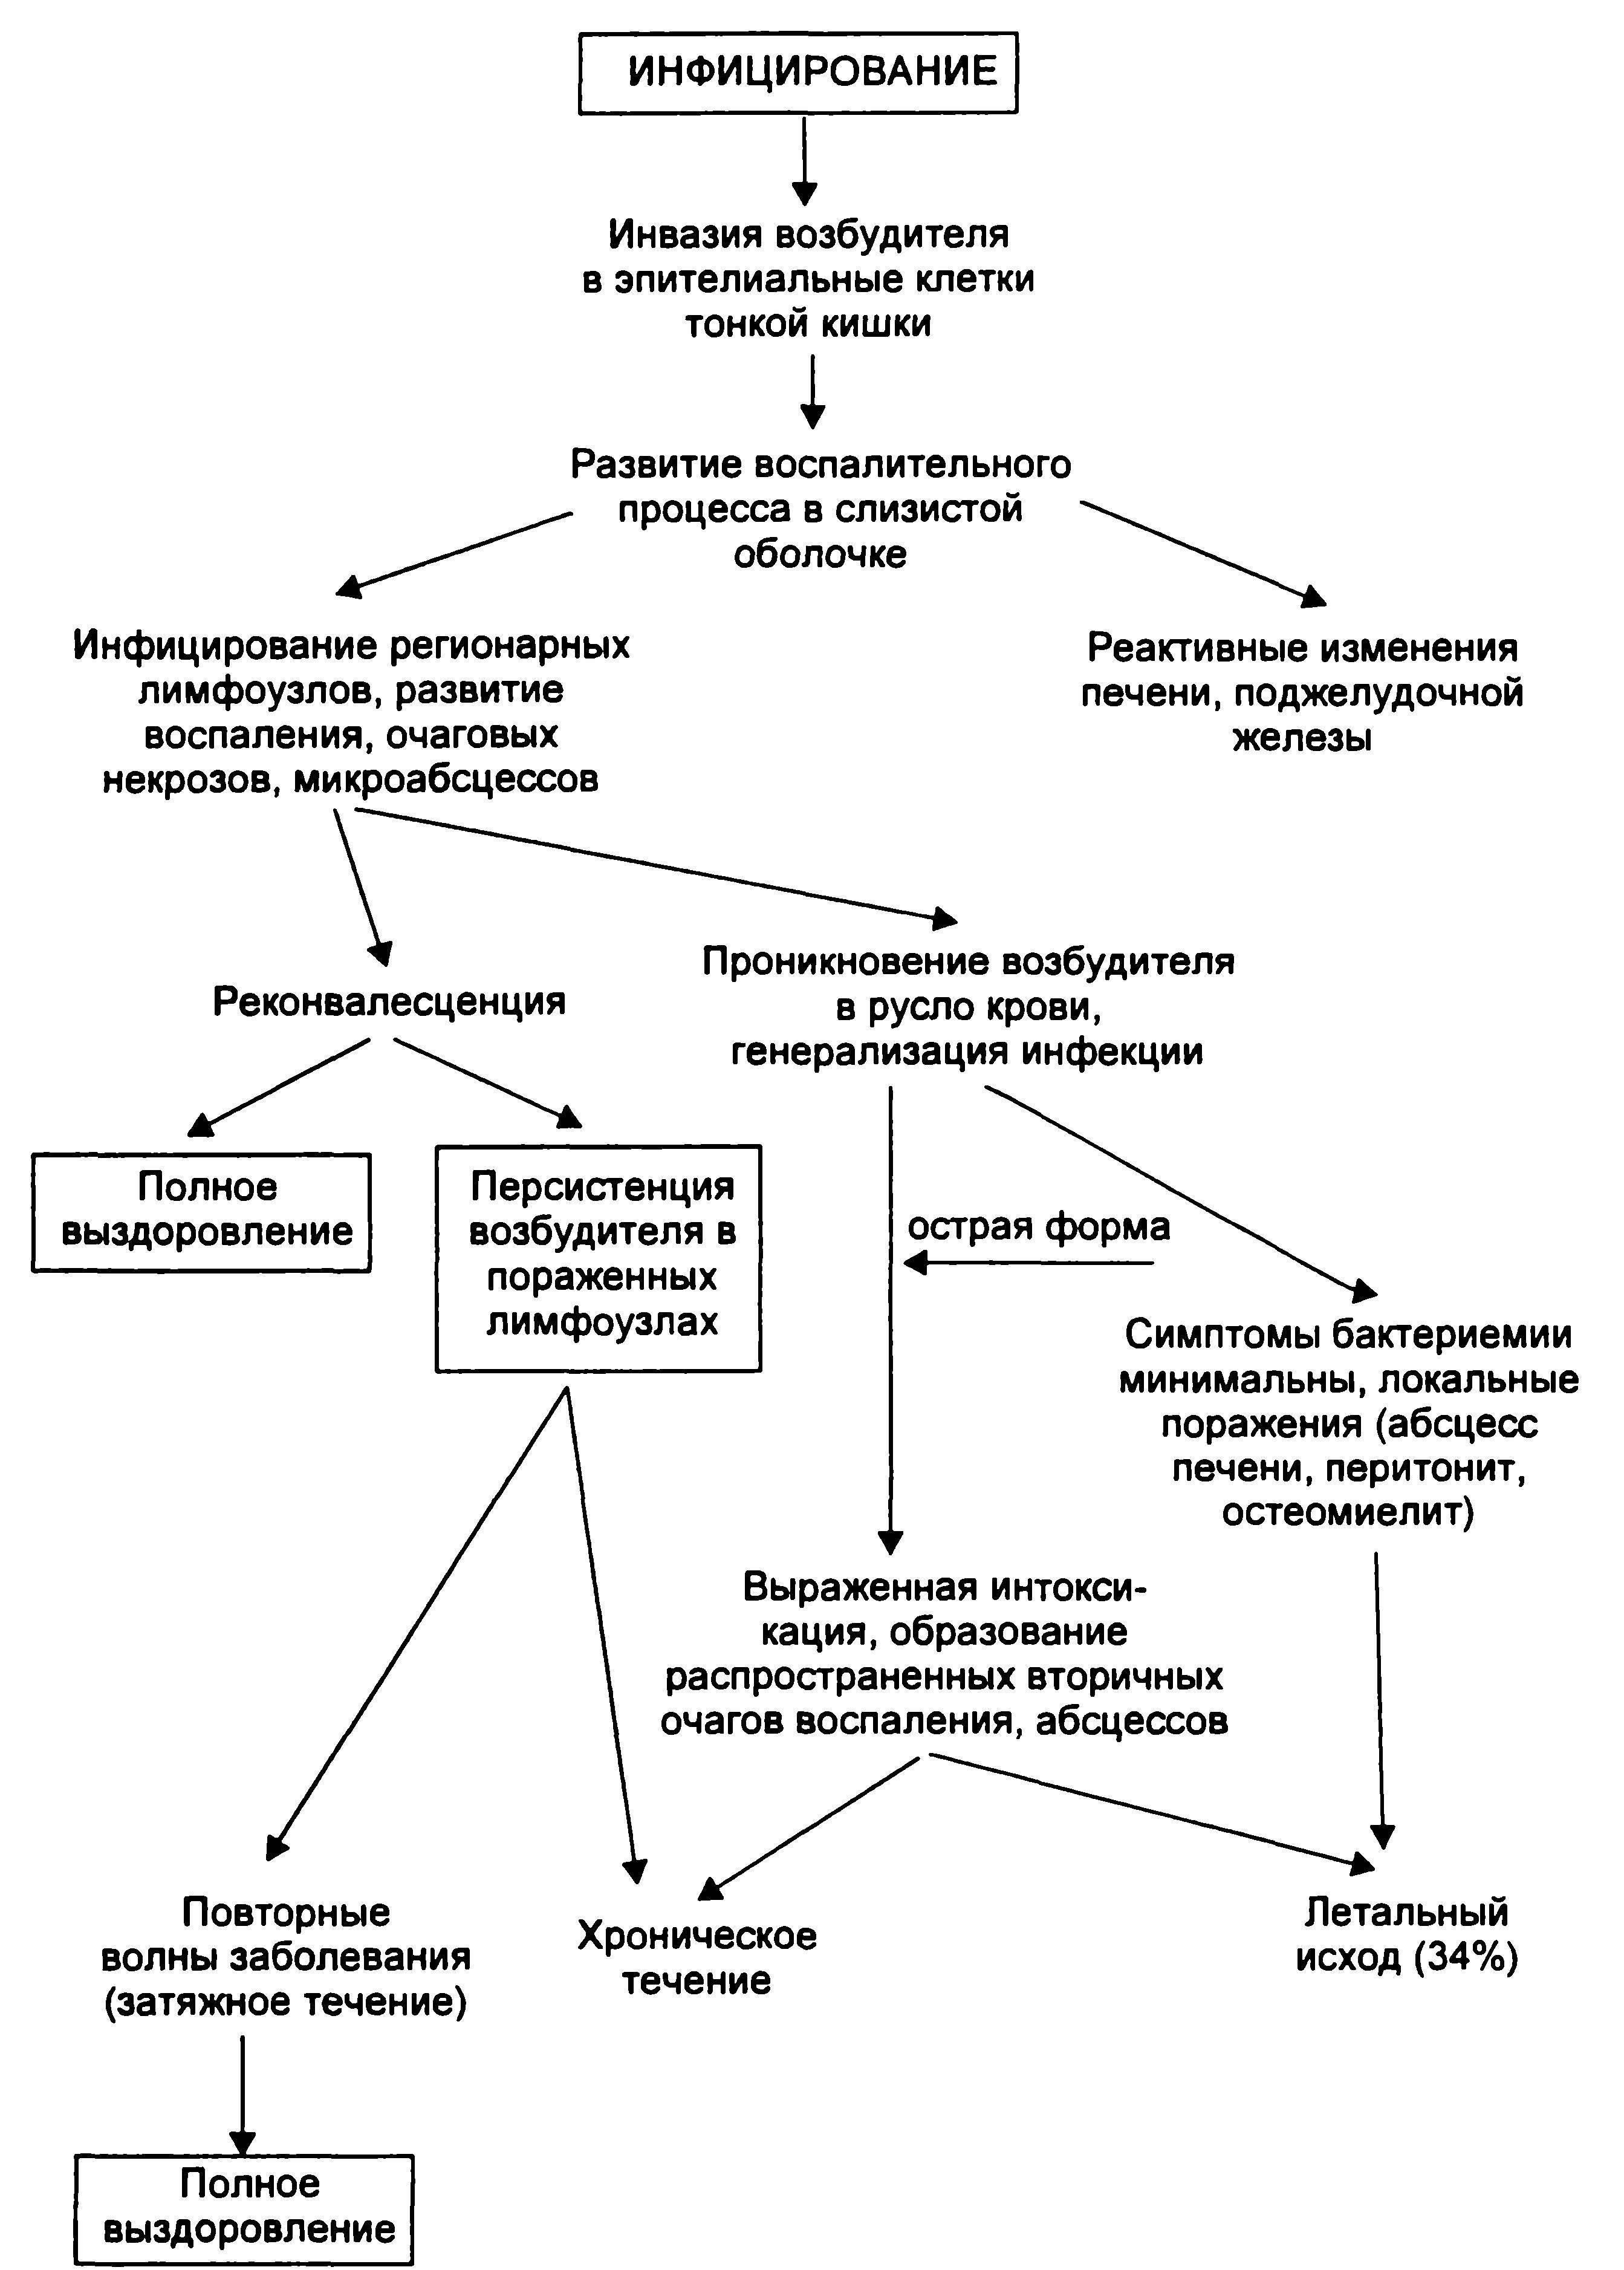 Иерсиниоз - симптомы, лечение, диагностика, профилактика иерсиниоза